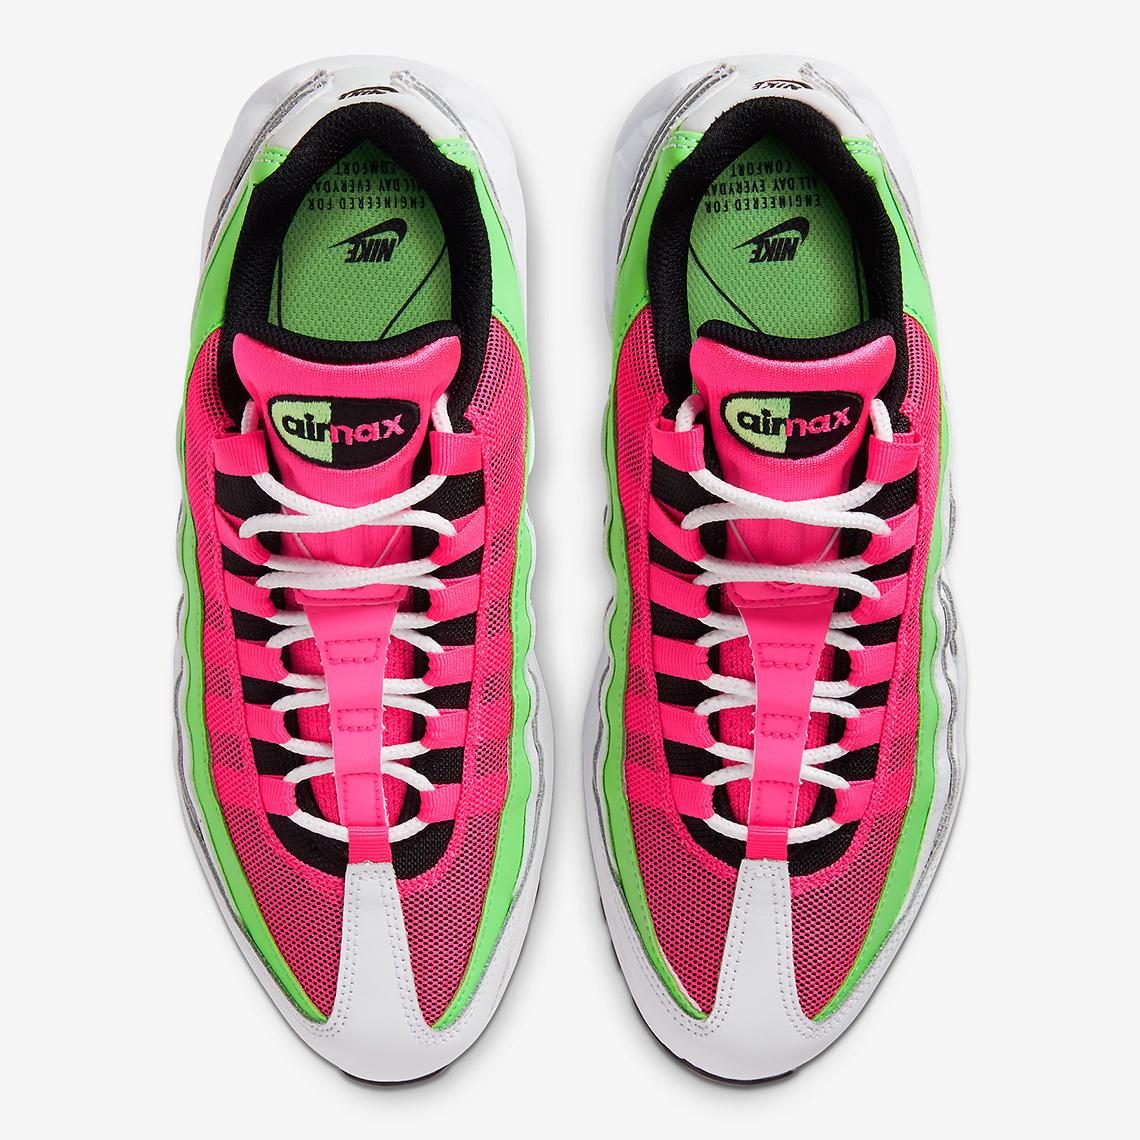 Nike Air Max 95 Watermelon CJ0624-101